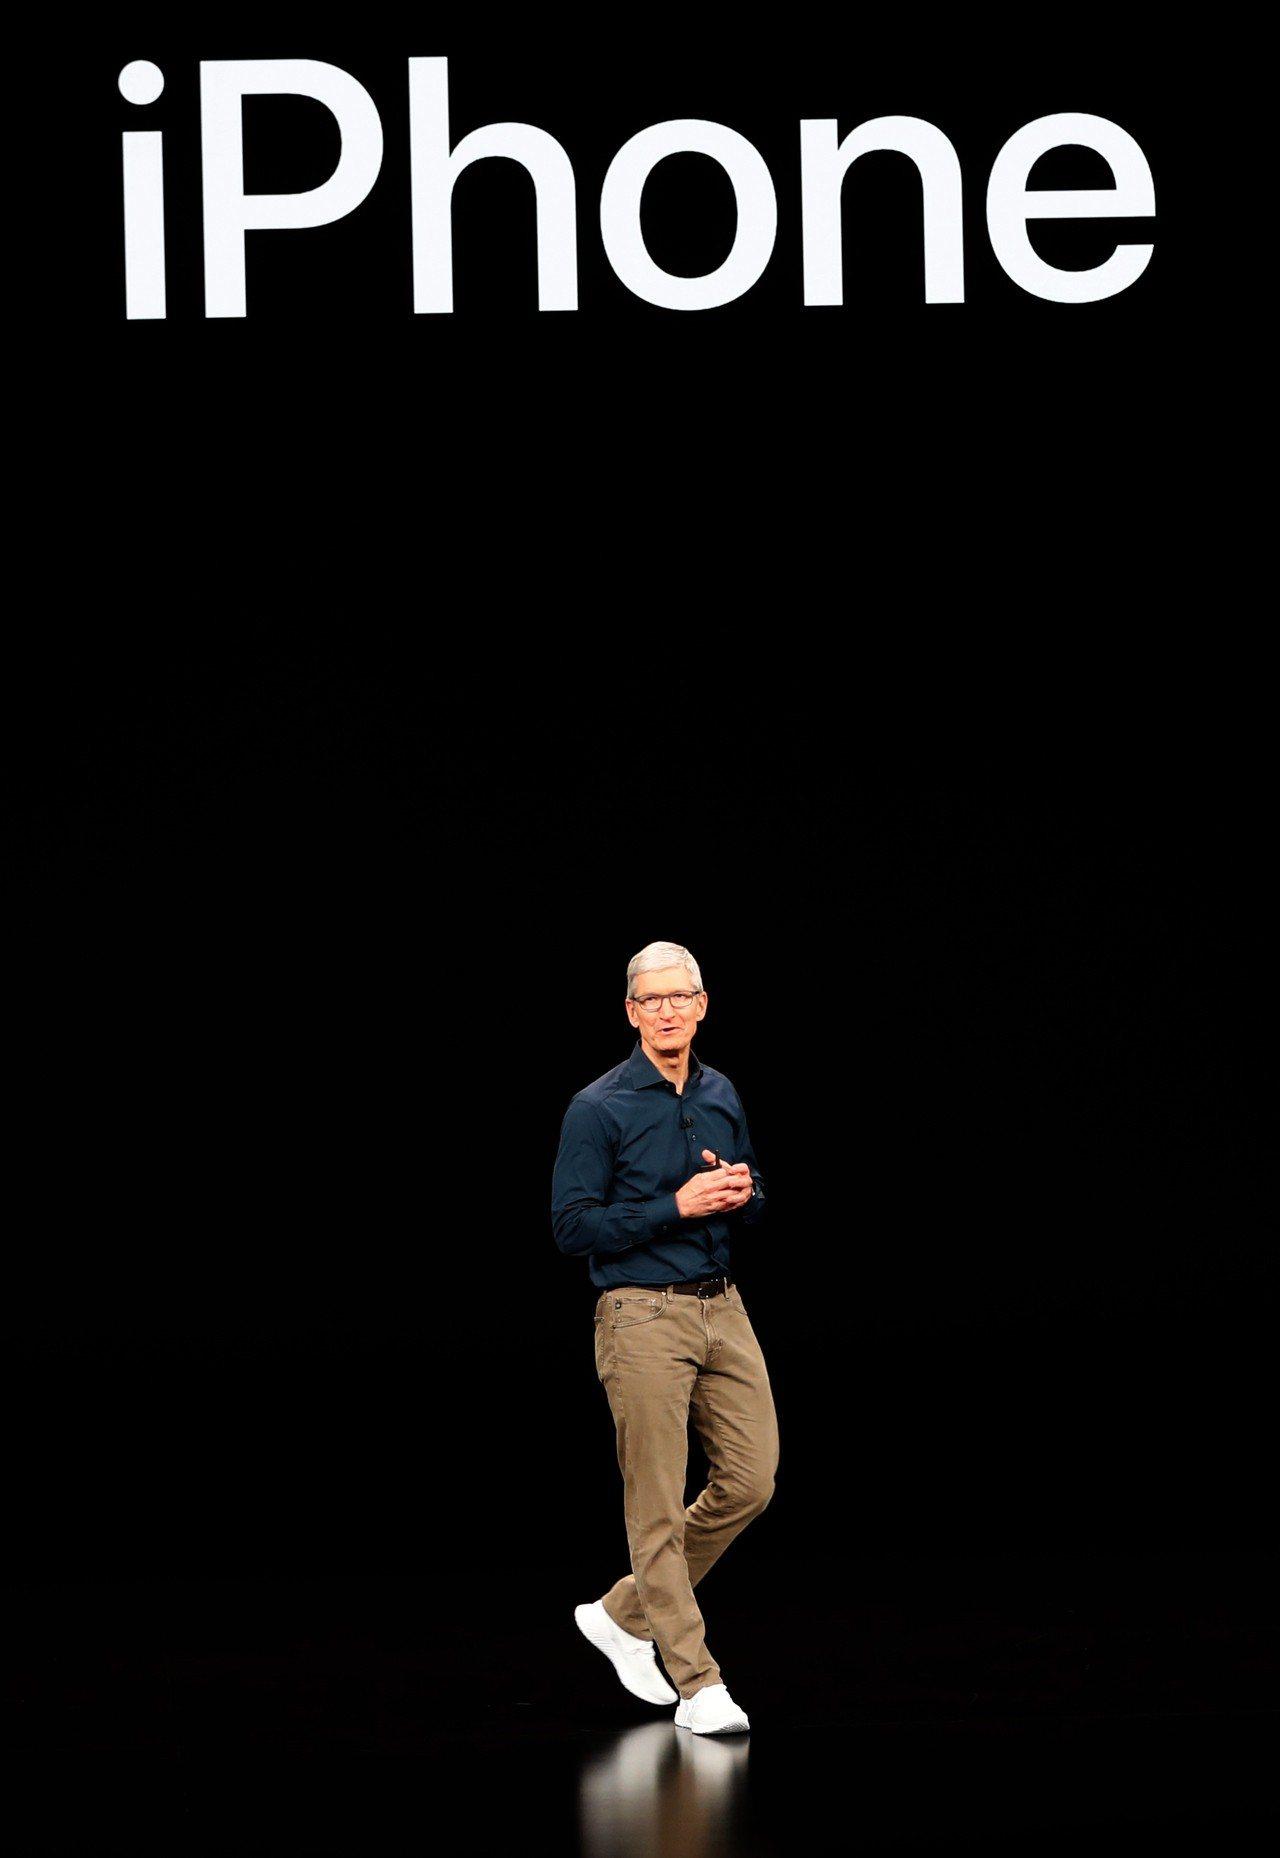 博通第4季無線事業表現出色,可能反映舊款iPhone銷售強勁。 路透